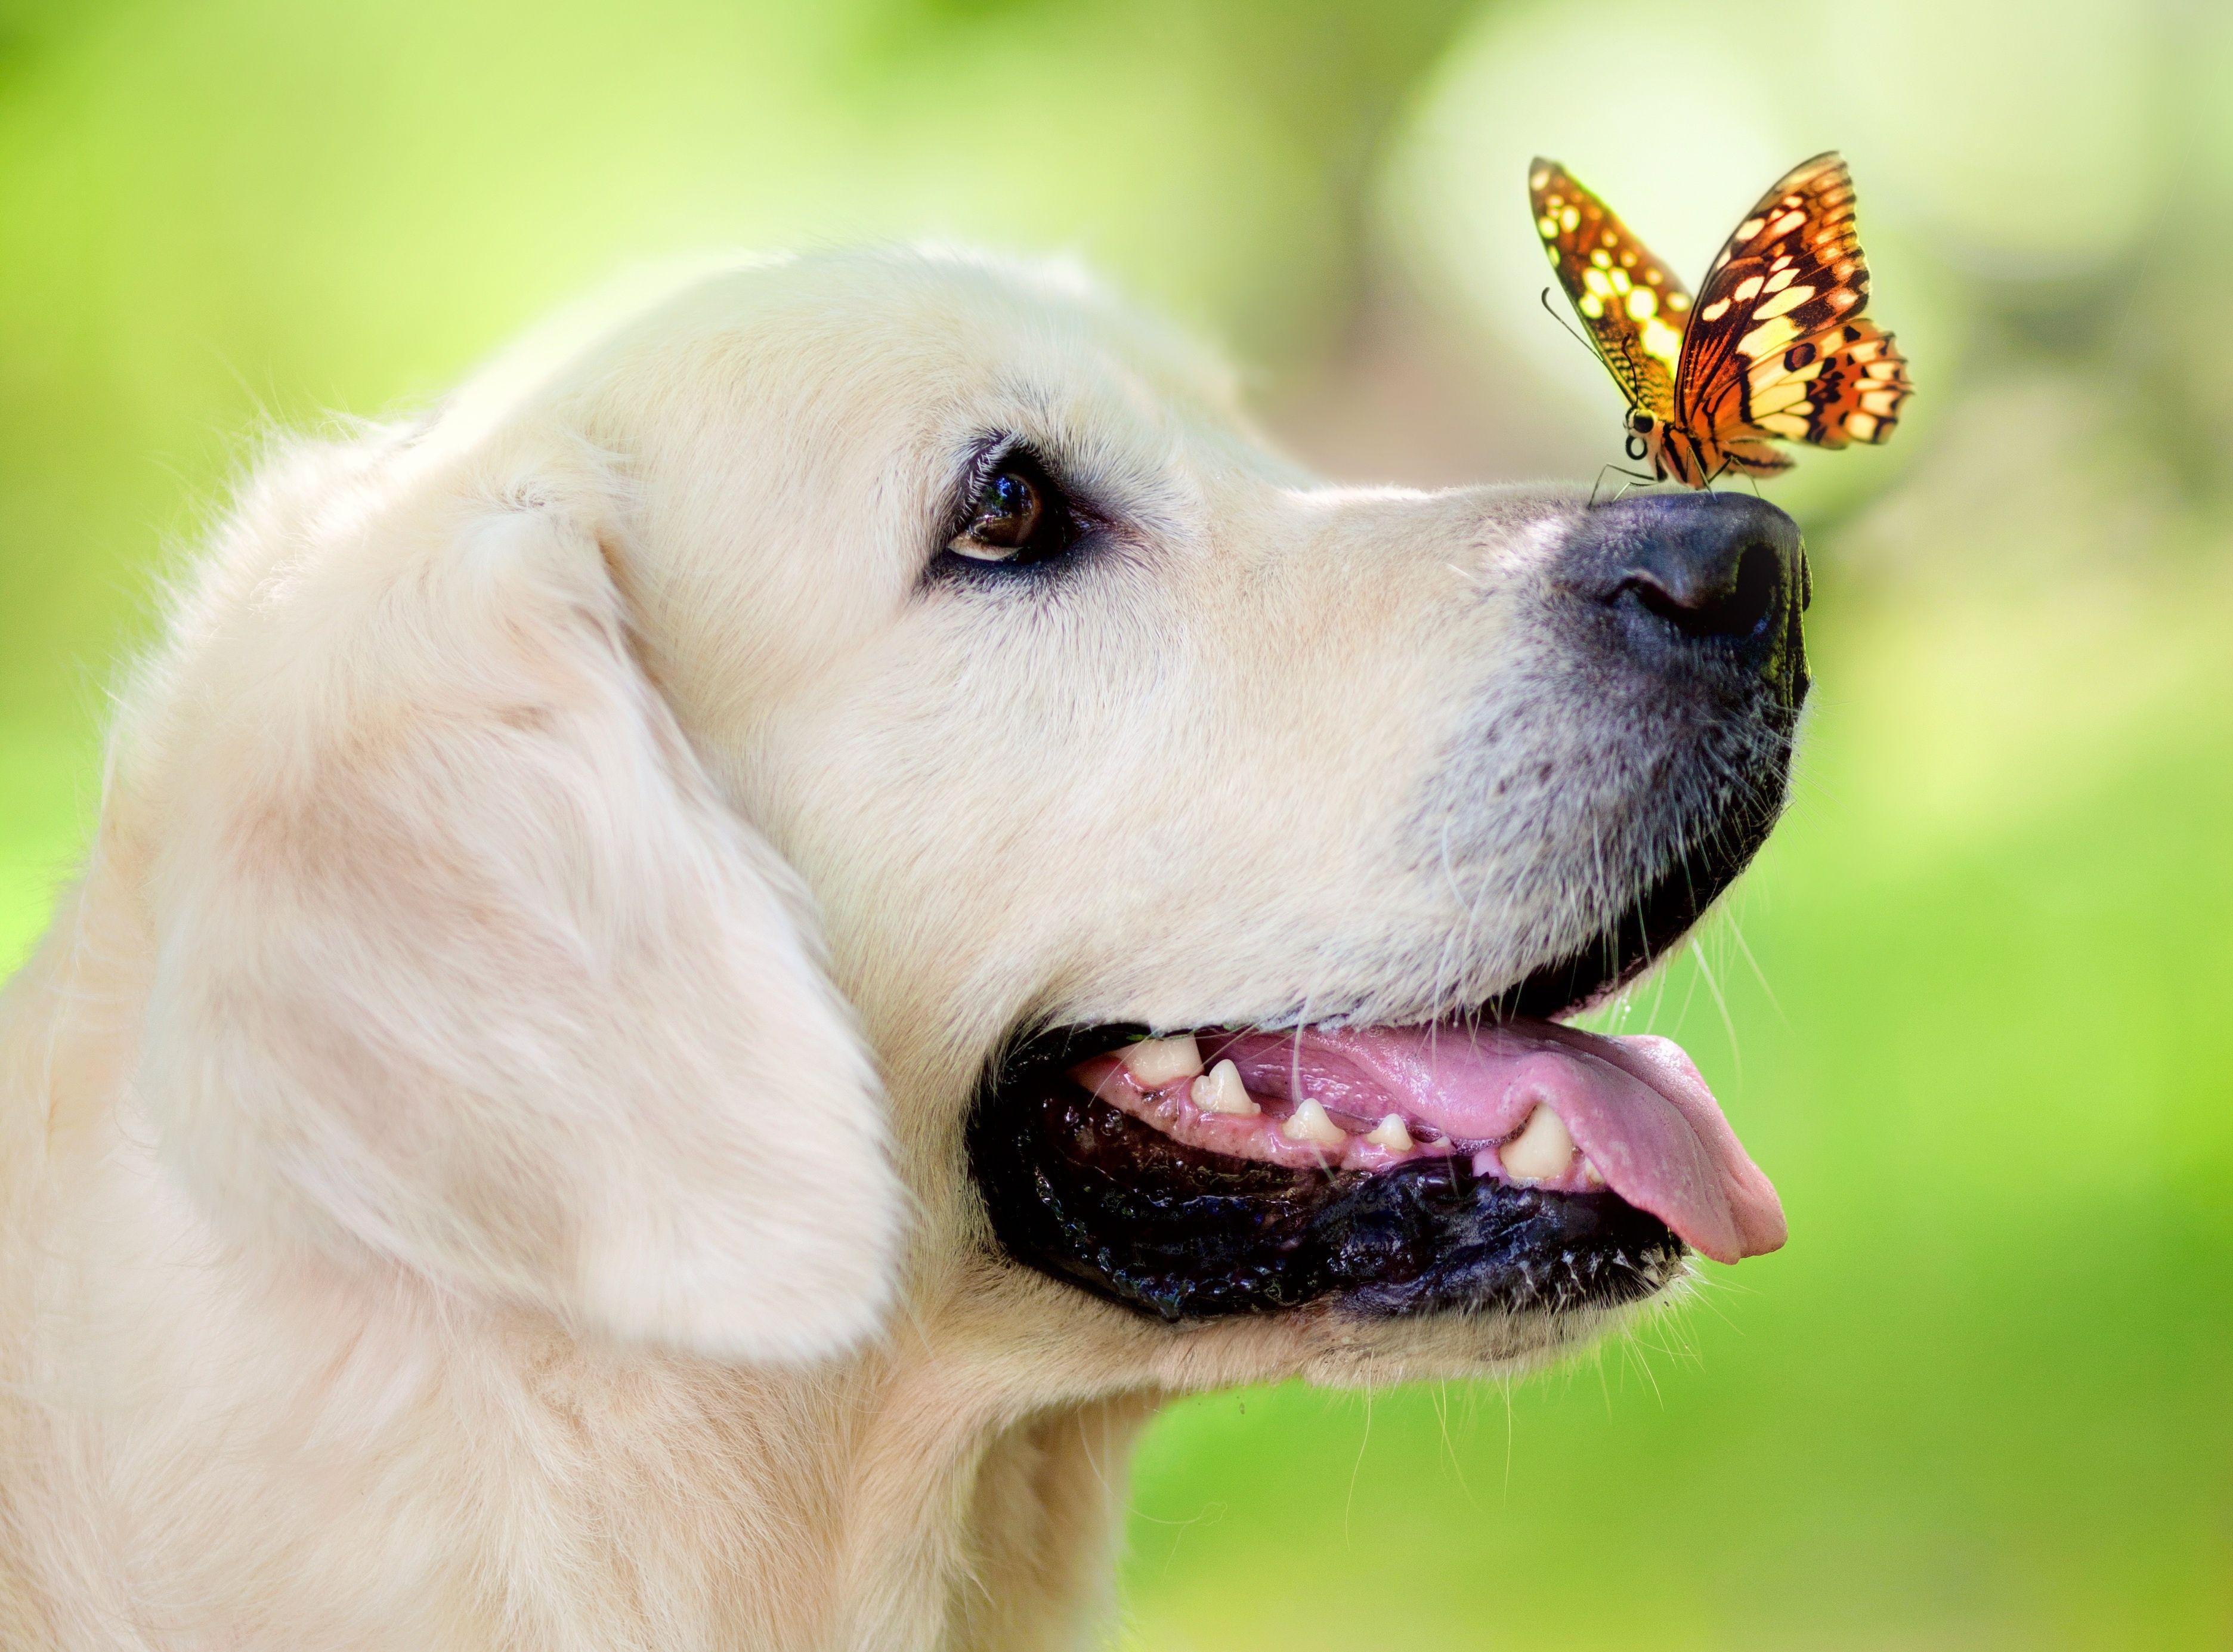 Cute Little Golden Retriever Puppy Admiring A Butterfly Visitor